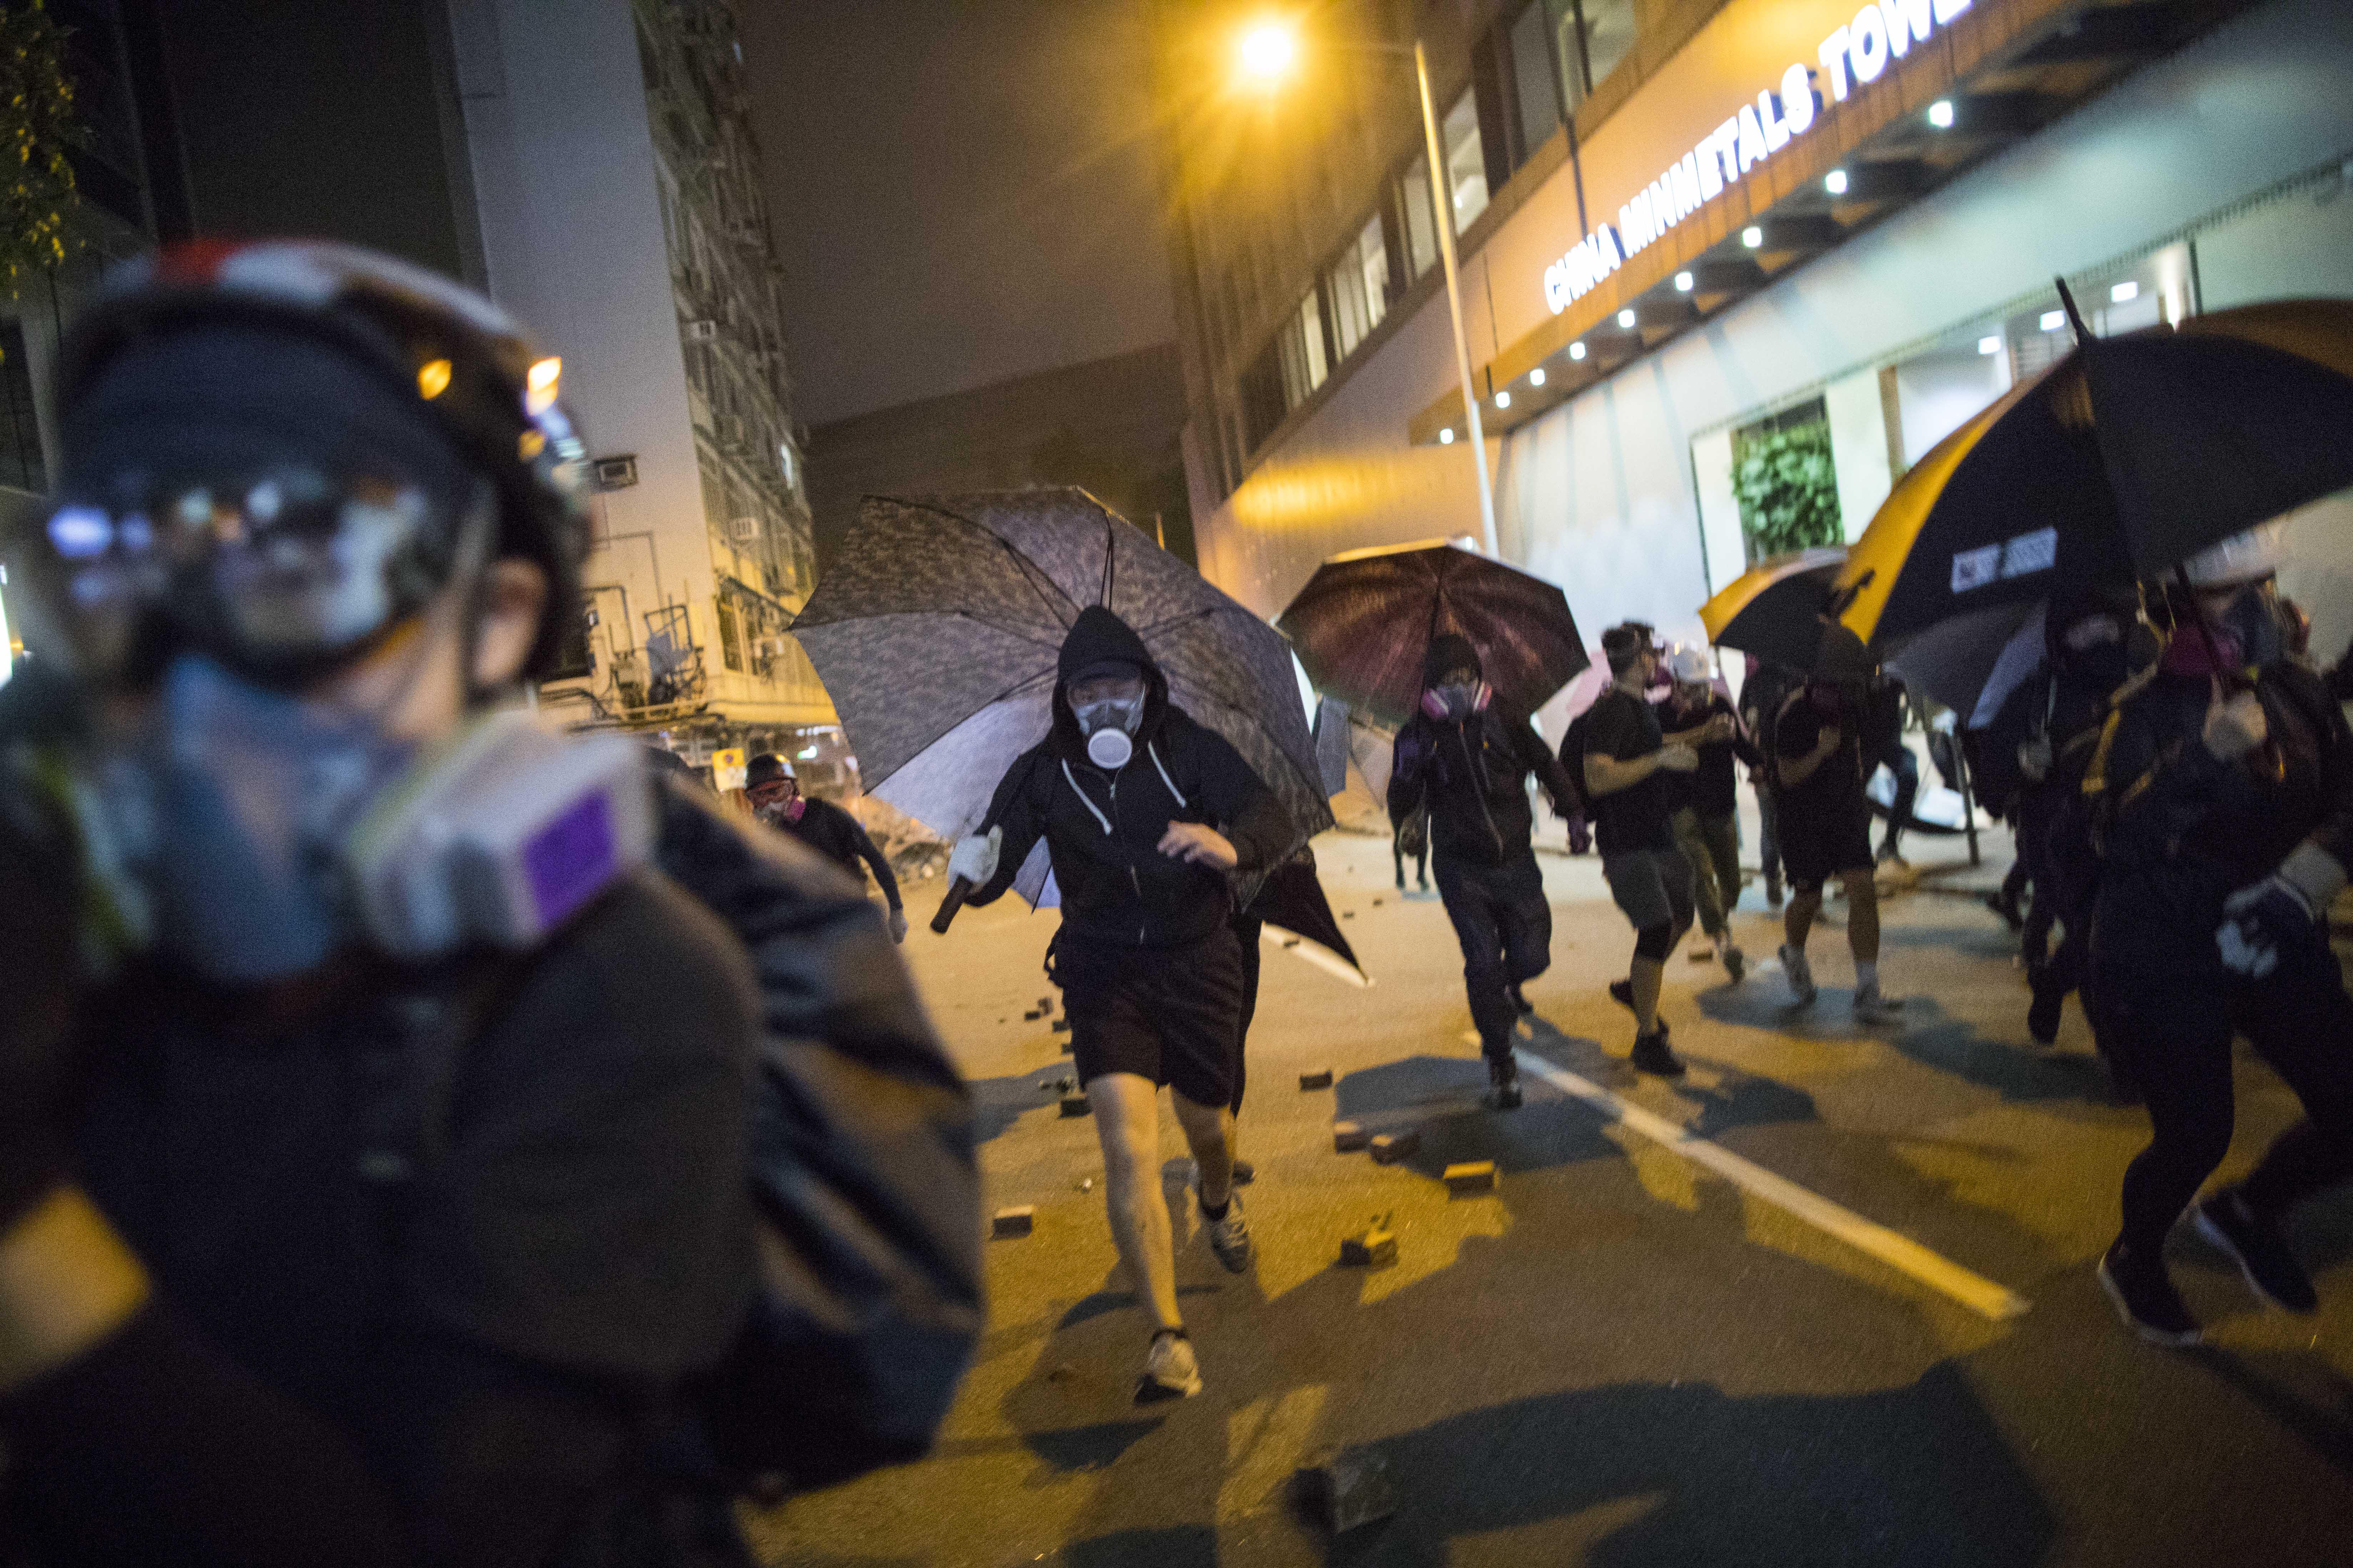 2019年11月18日,理工大學外,有示威者撐著傘奔跑。